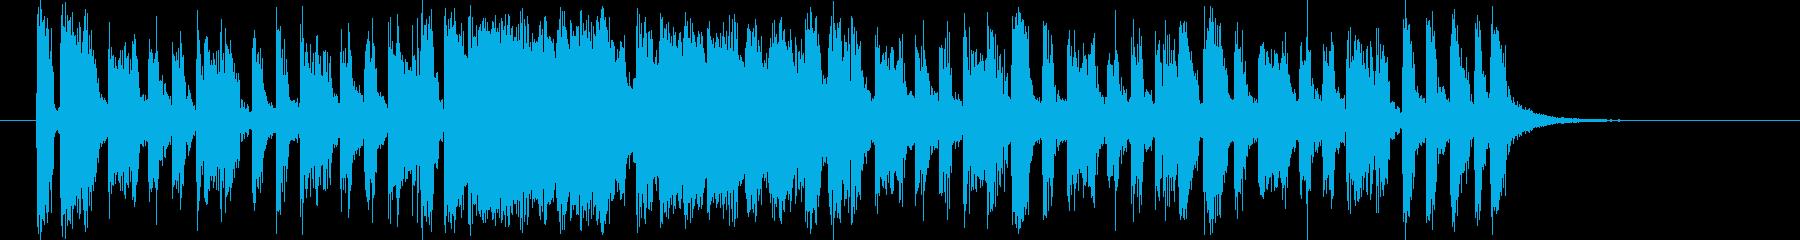 軽快なリズムのポップなバンドのジングルの再生済みの波形